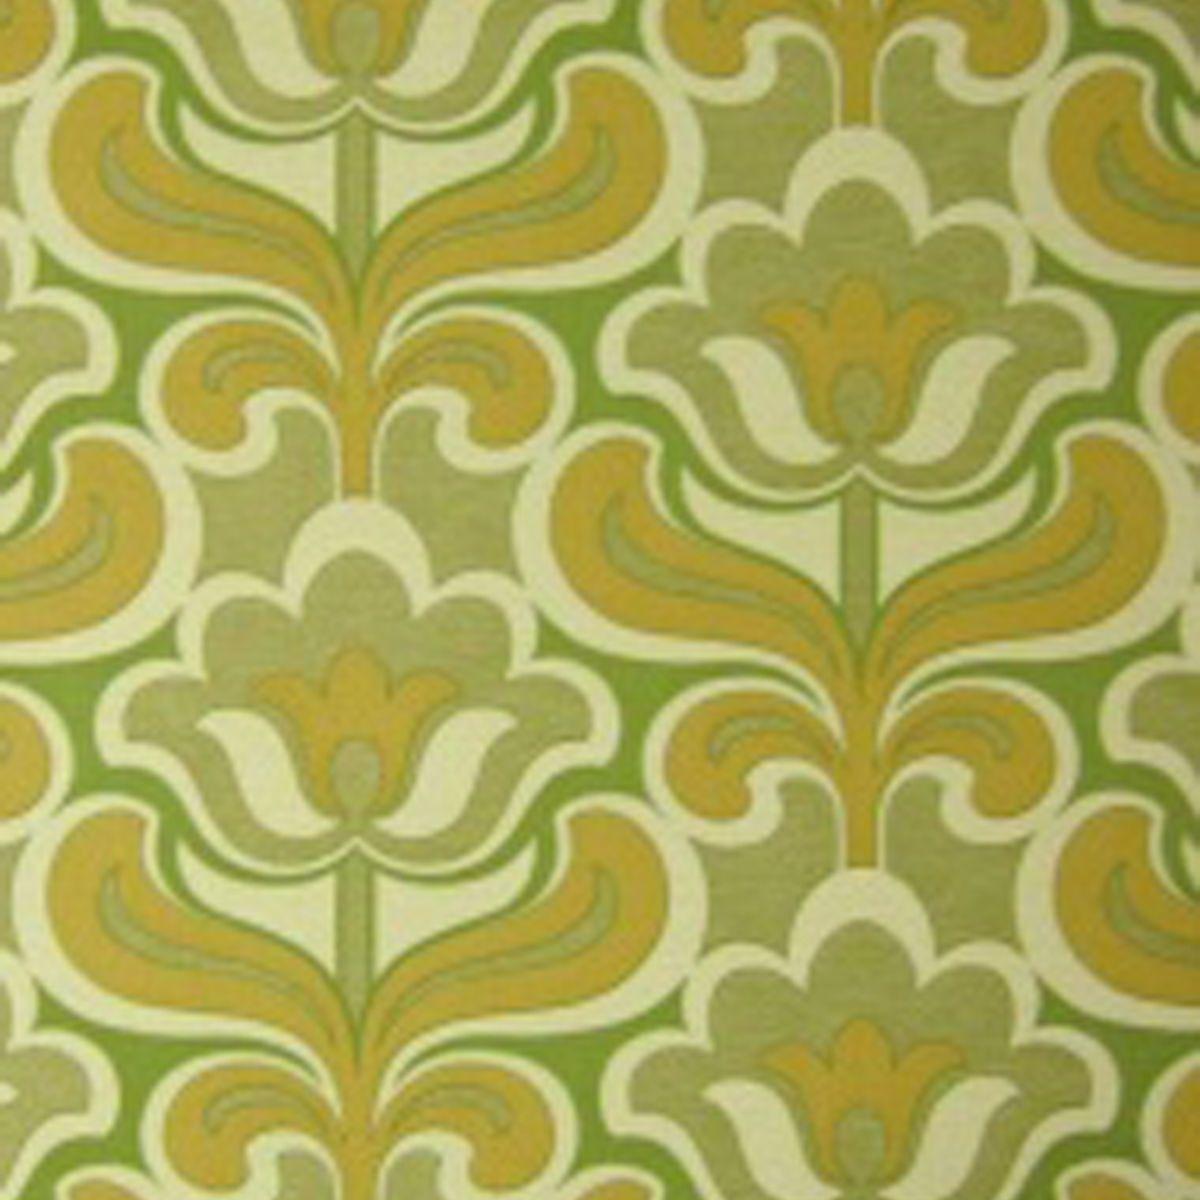 Kitchen Wallpaper Green: Original MID-CENTURY MODERN GEO-FLORAL Wallpaper